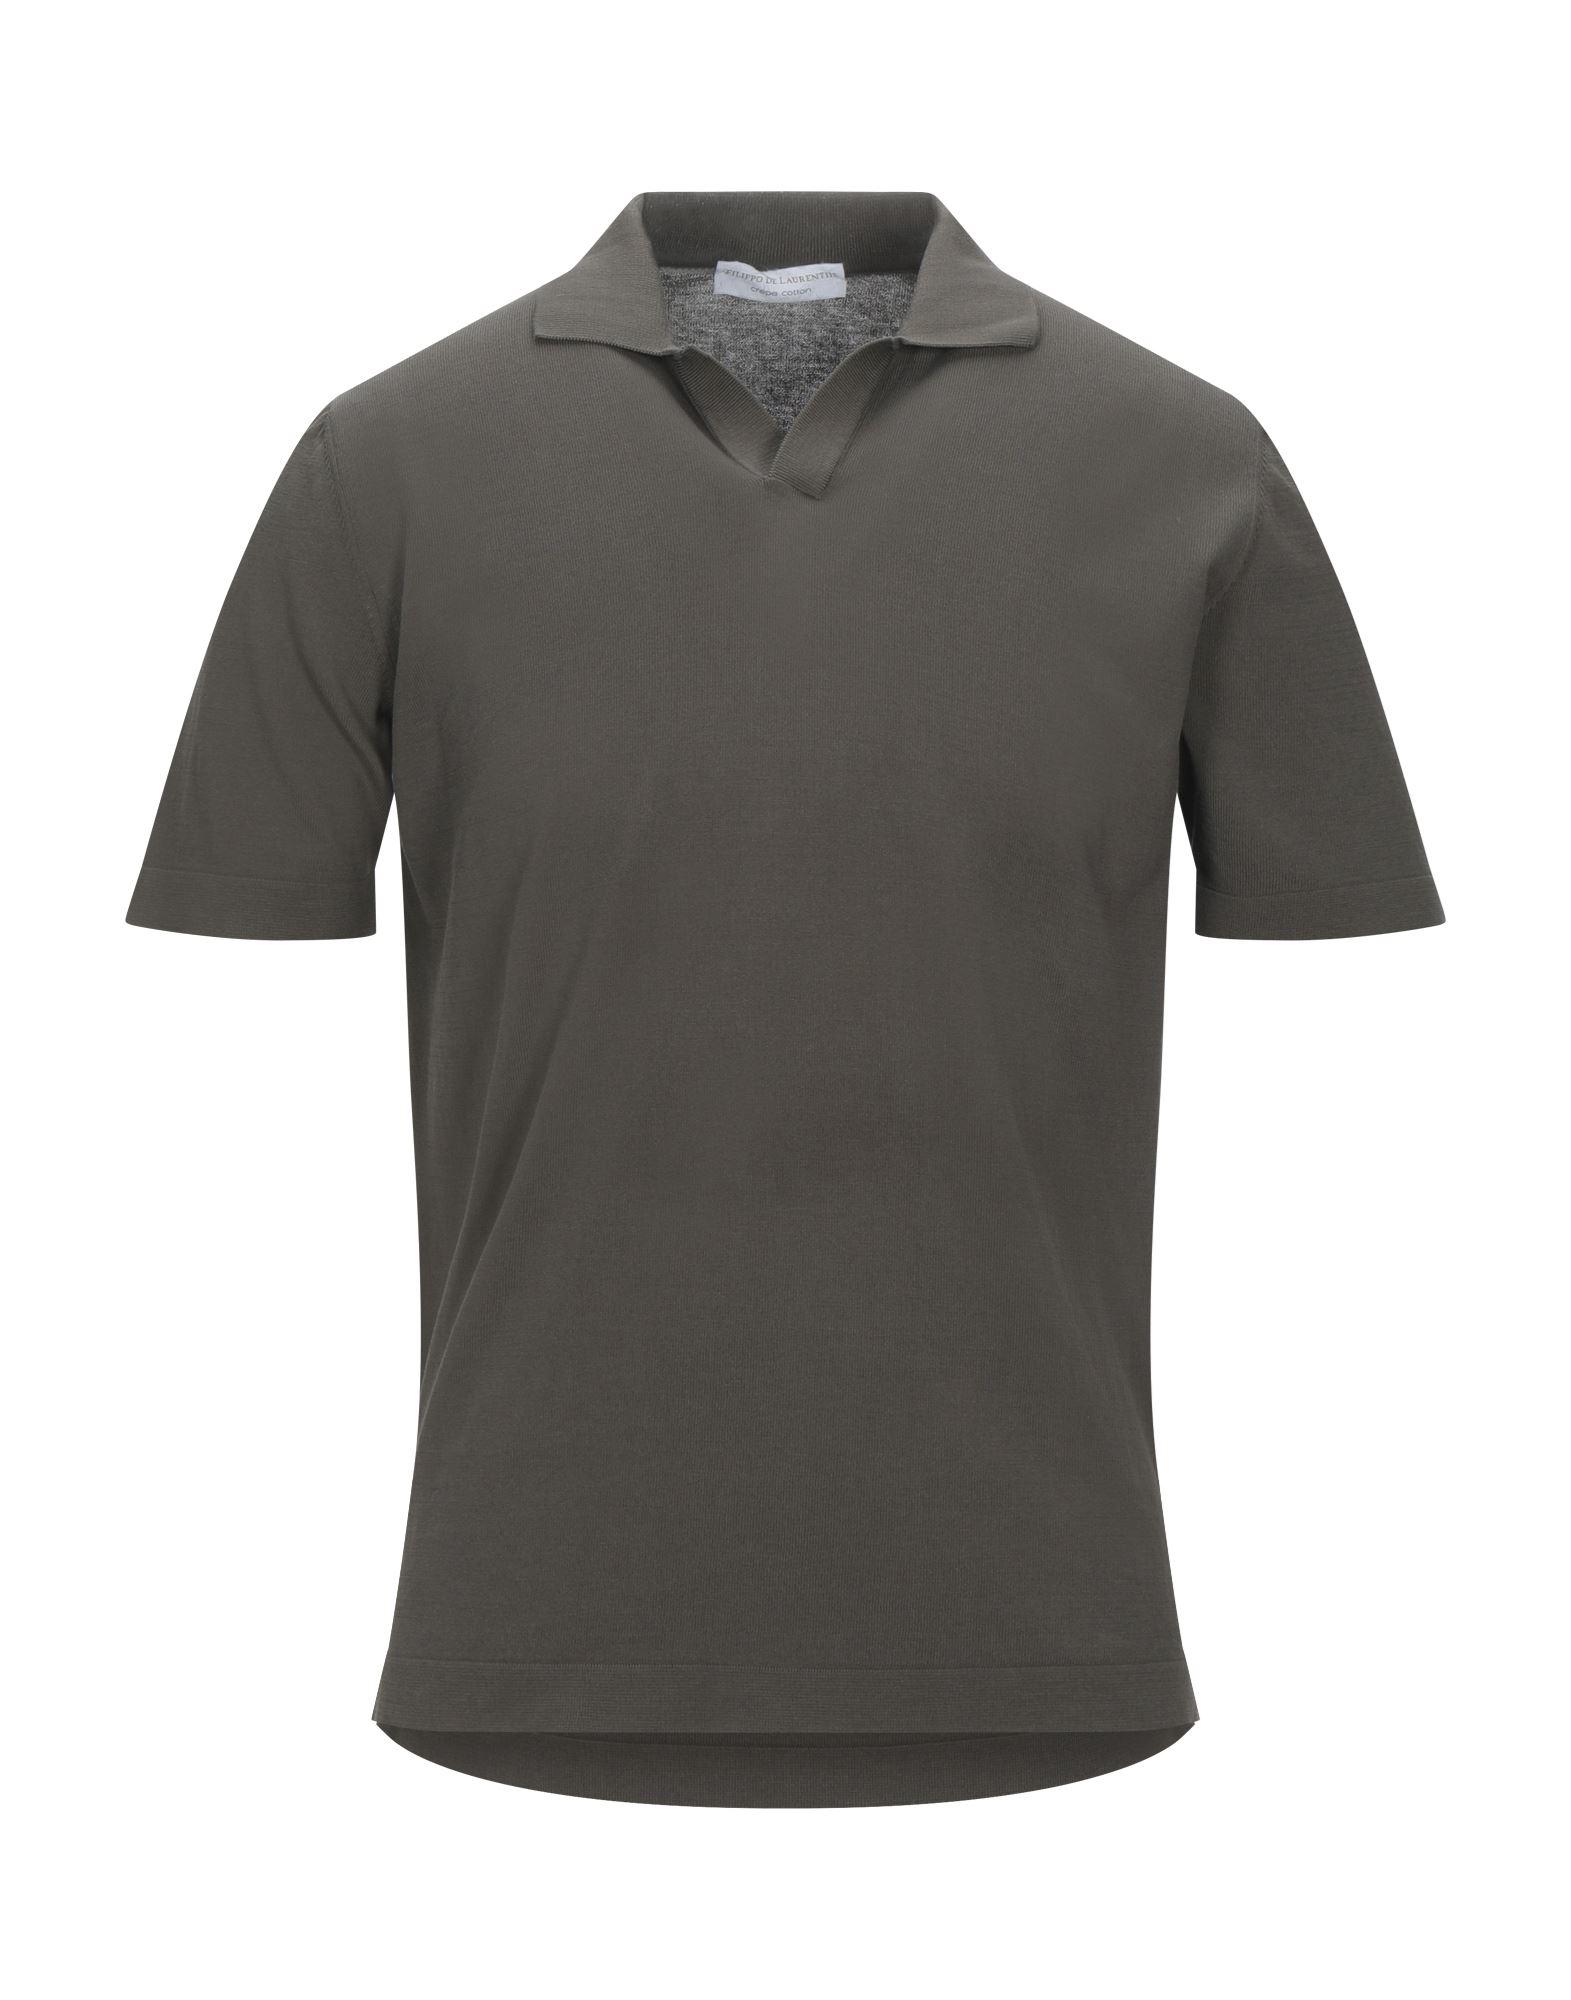 《セール開催中》FILIPPO DE LAURENTIIS メンズ ポロシャツ カーキ 46 コットン 100%